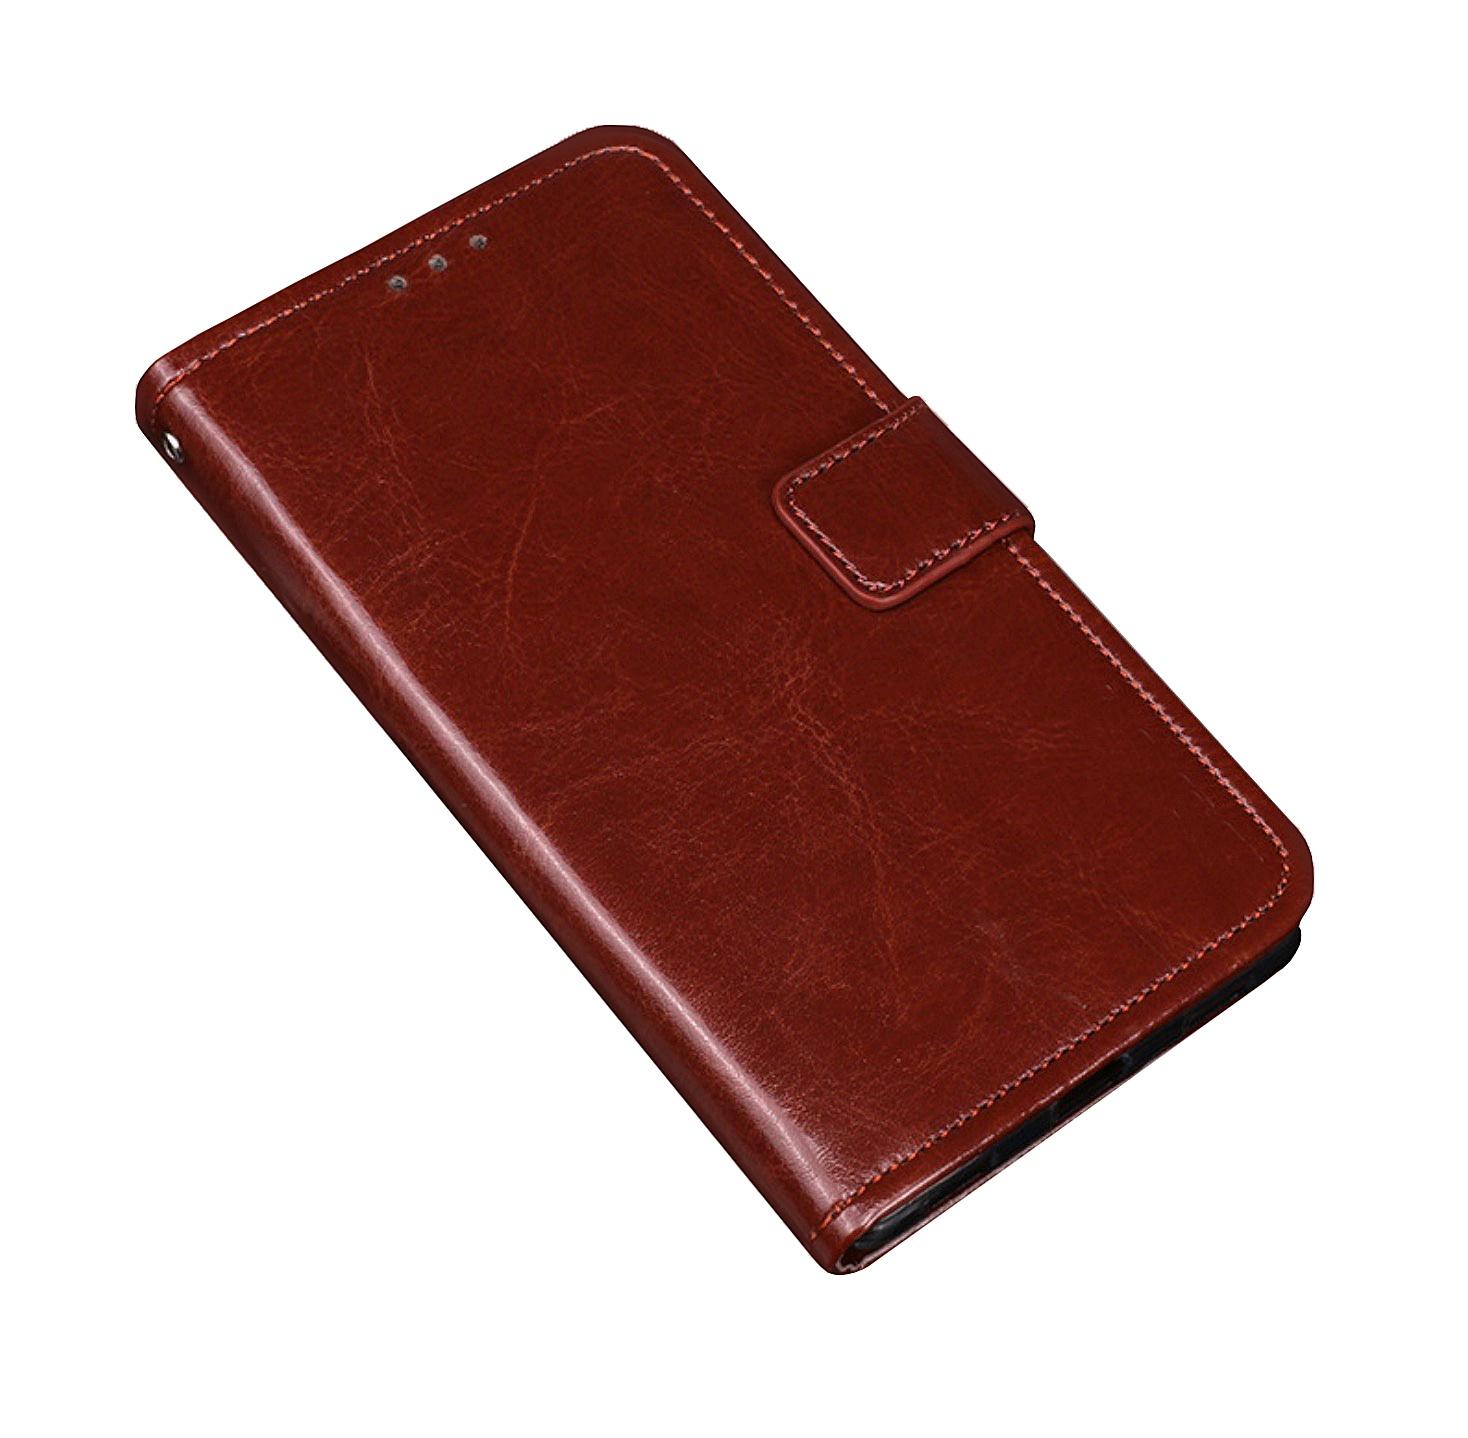 Чехол-книжка MyPads для Nokia 5.1 Plus / Nokia X5 с мульти-подставкой застёжкой и визитницей коричневый использовать nokia как веб камеру